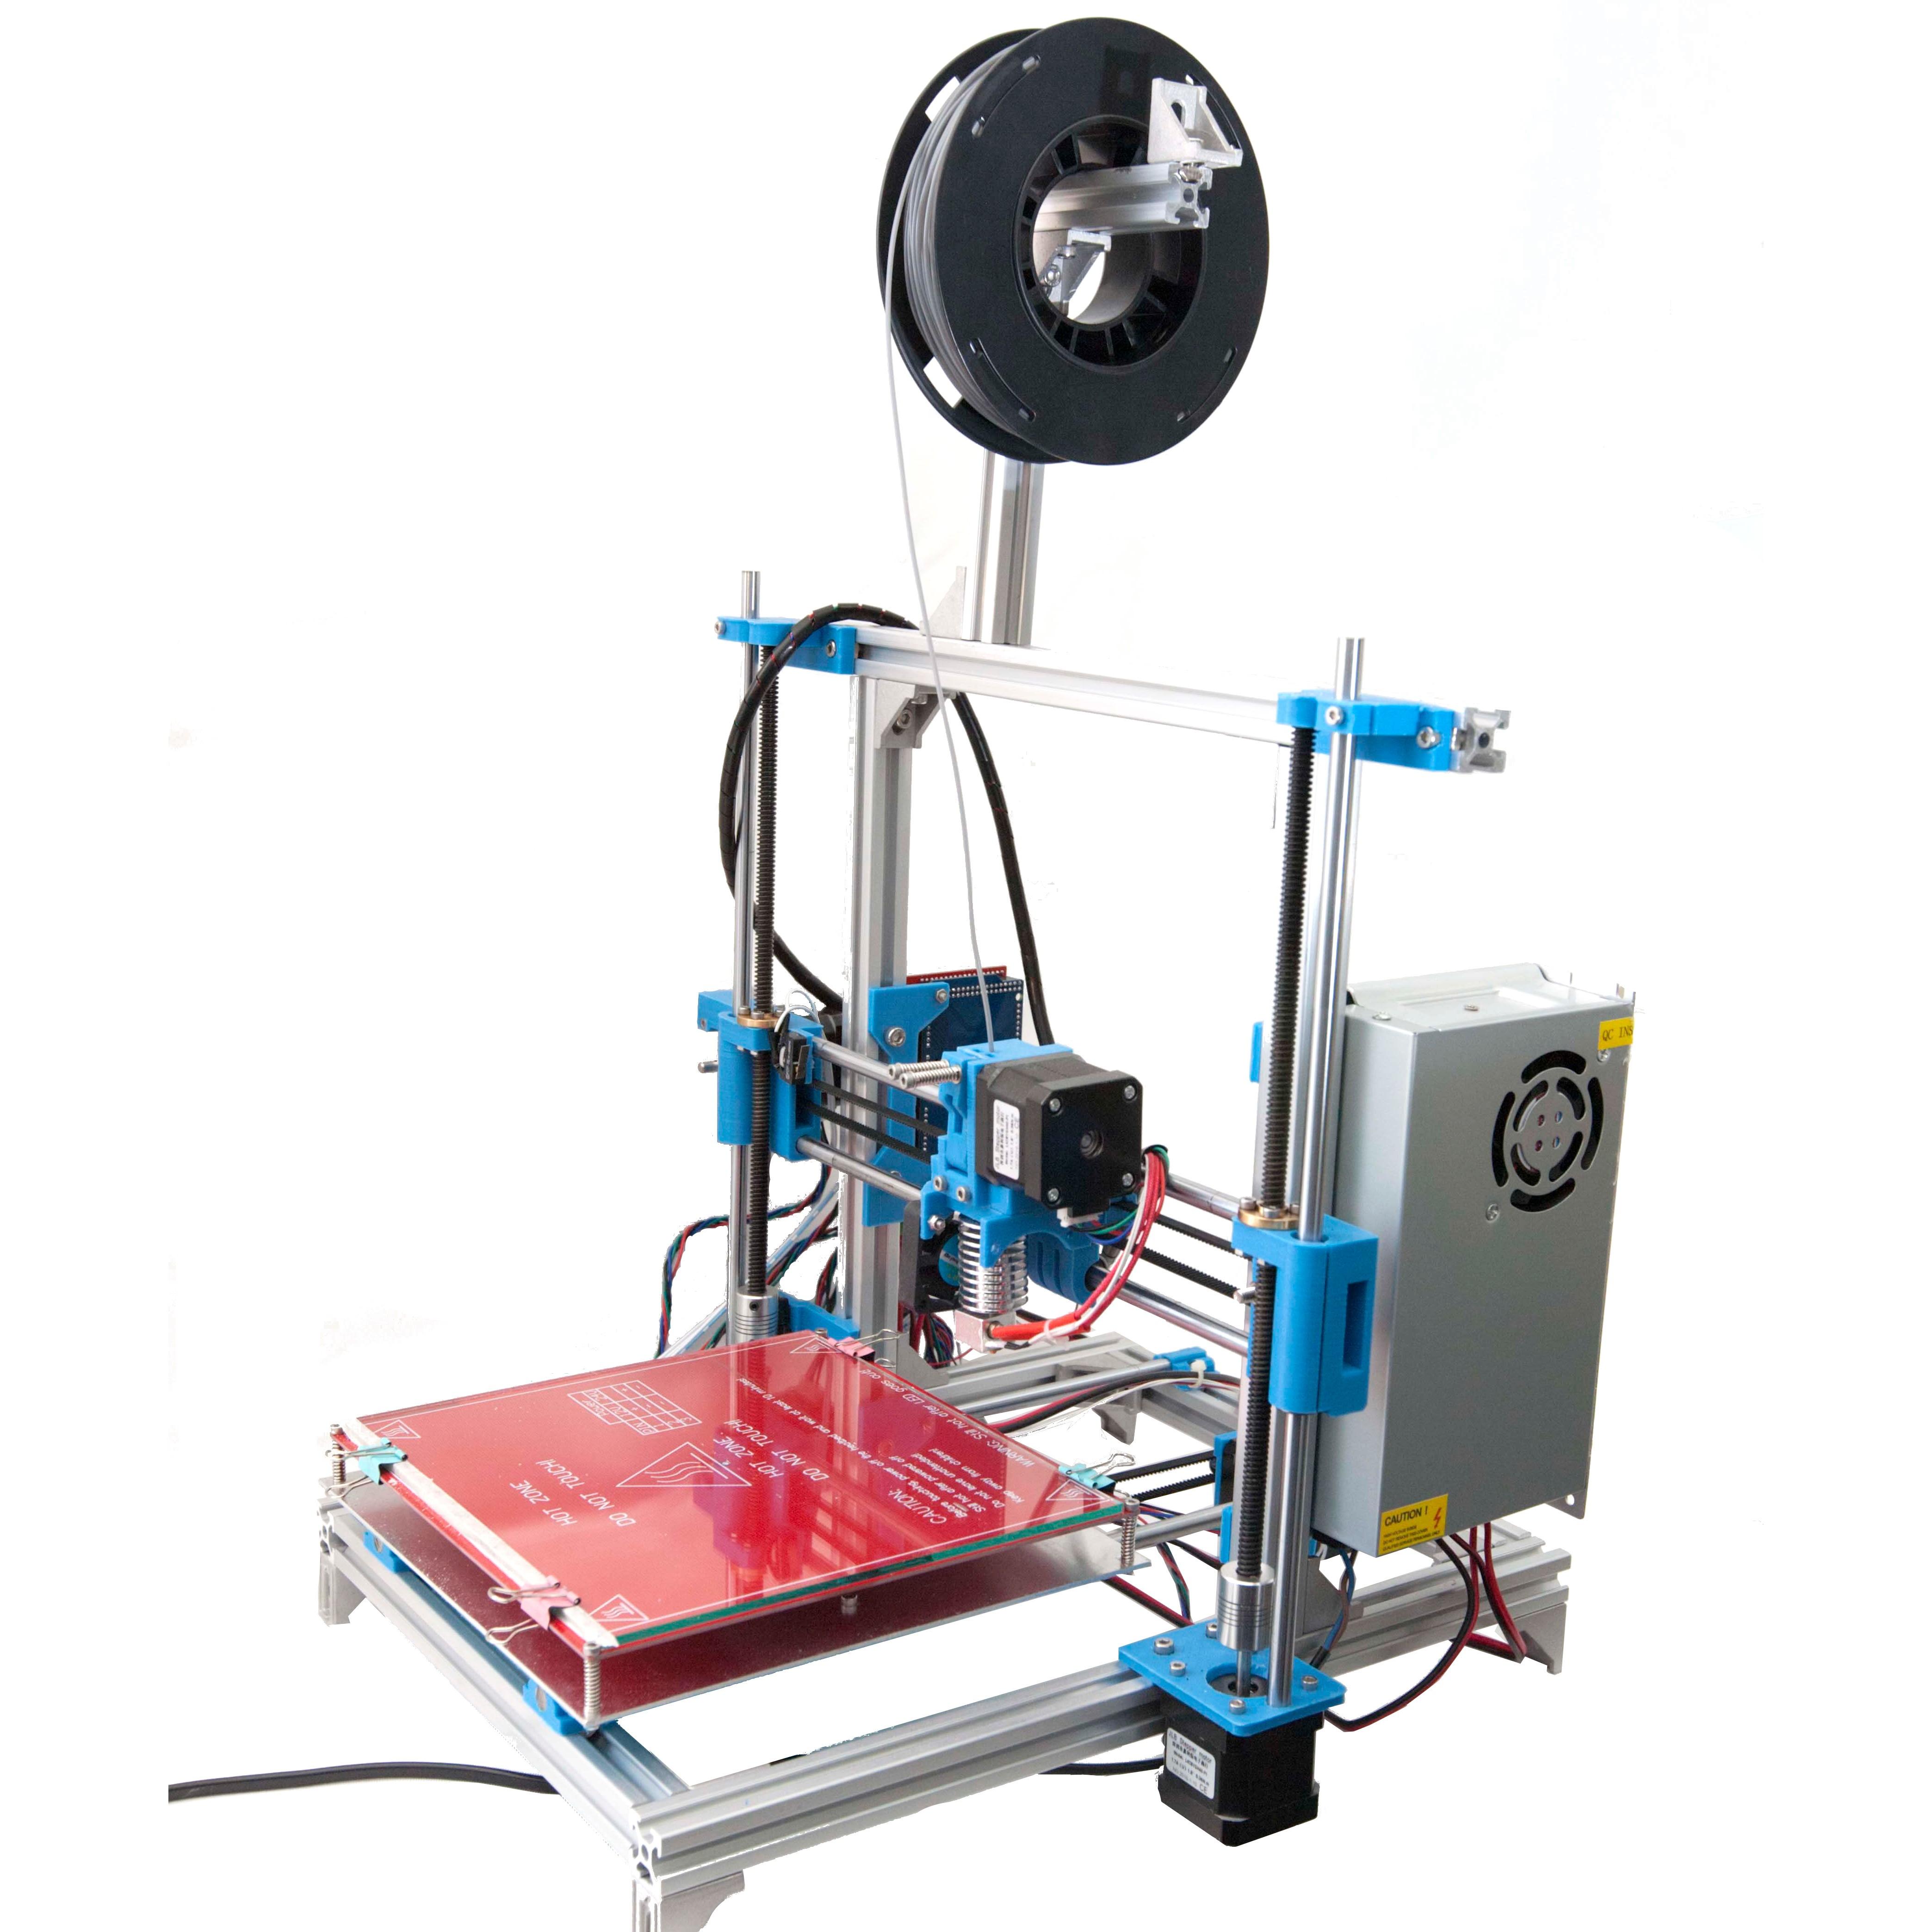 3D-tulostin - Prusa i3 pohjainen rakennussarja